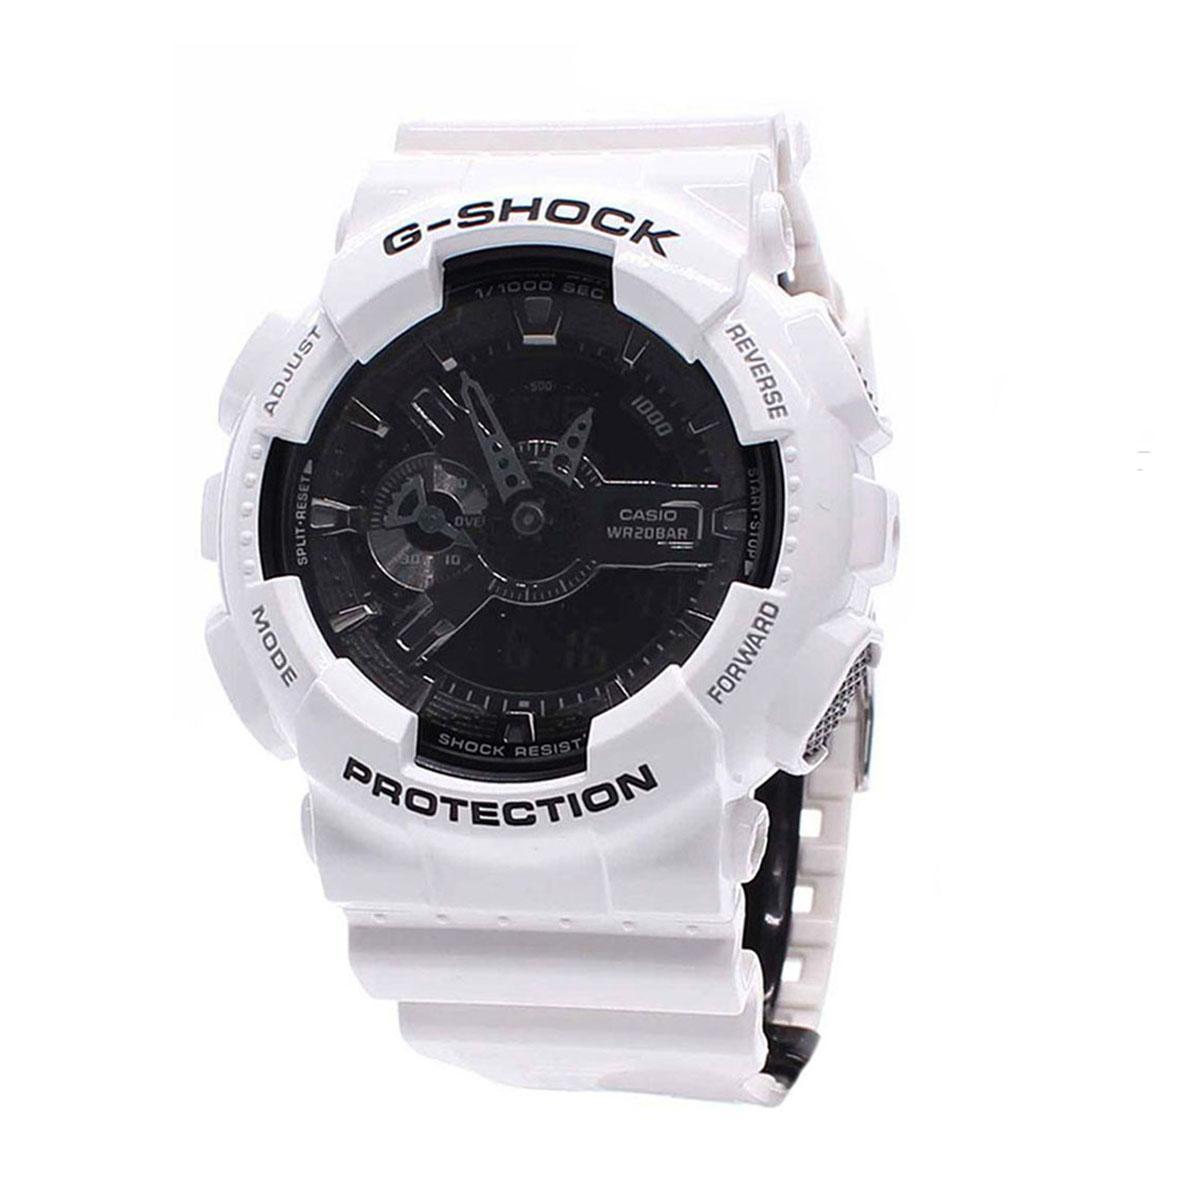 Đồng Hồ G-Shock THỂ THAO CHỐNG NƯỚC GA110-3BC. bán chạy